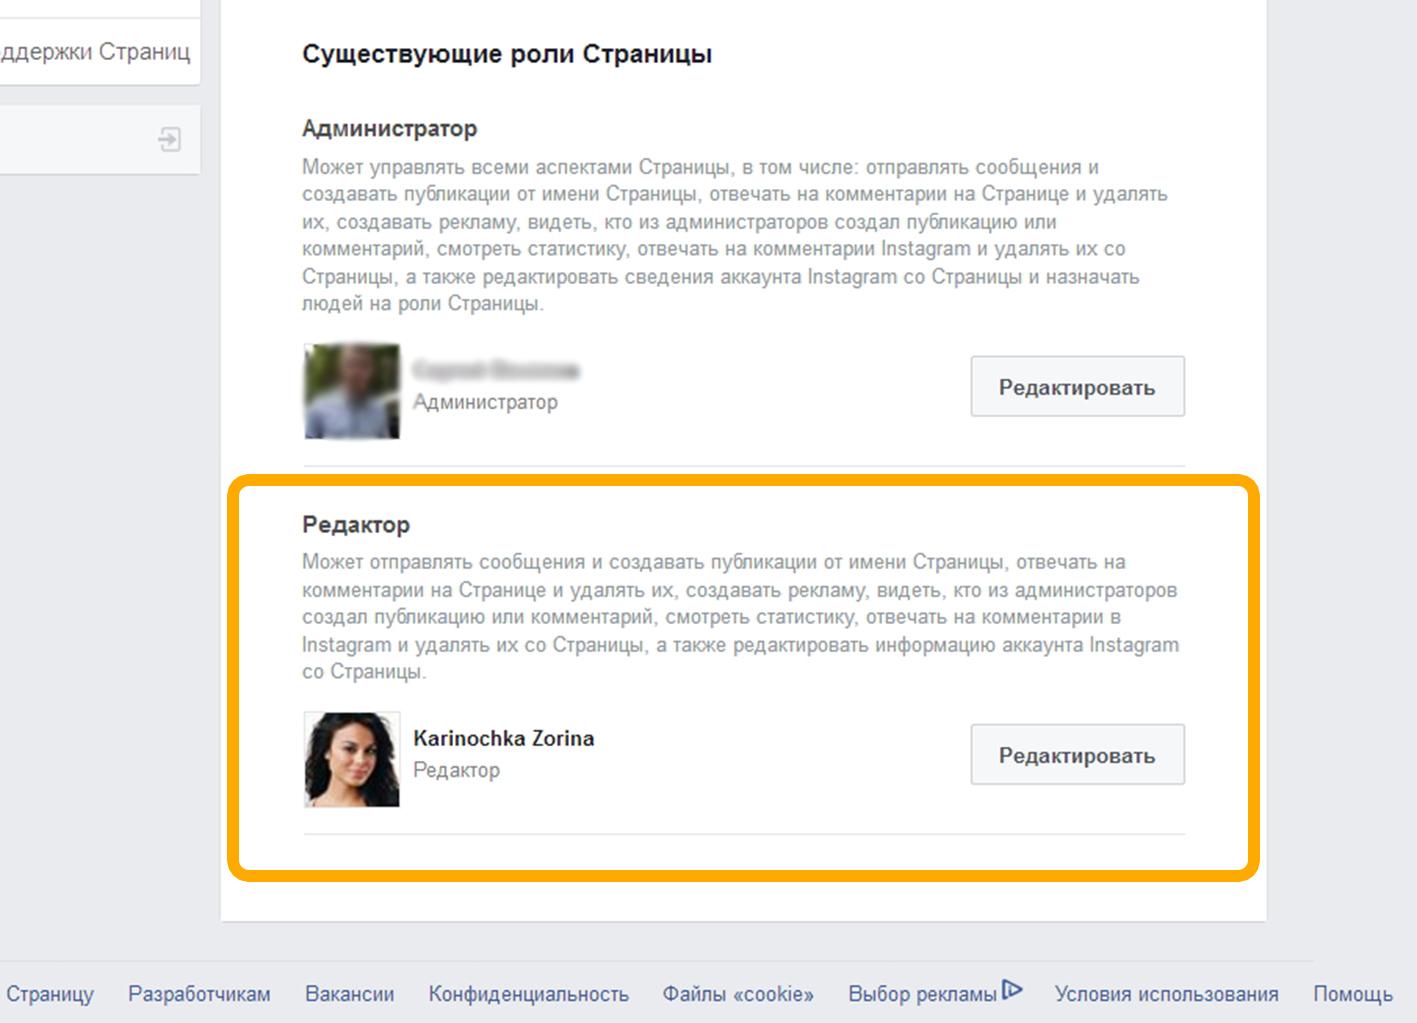 Информационная панель в меню изменения административных прав пользователя на странице Фейсбук